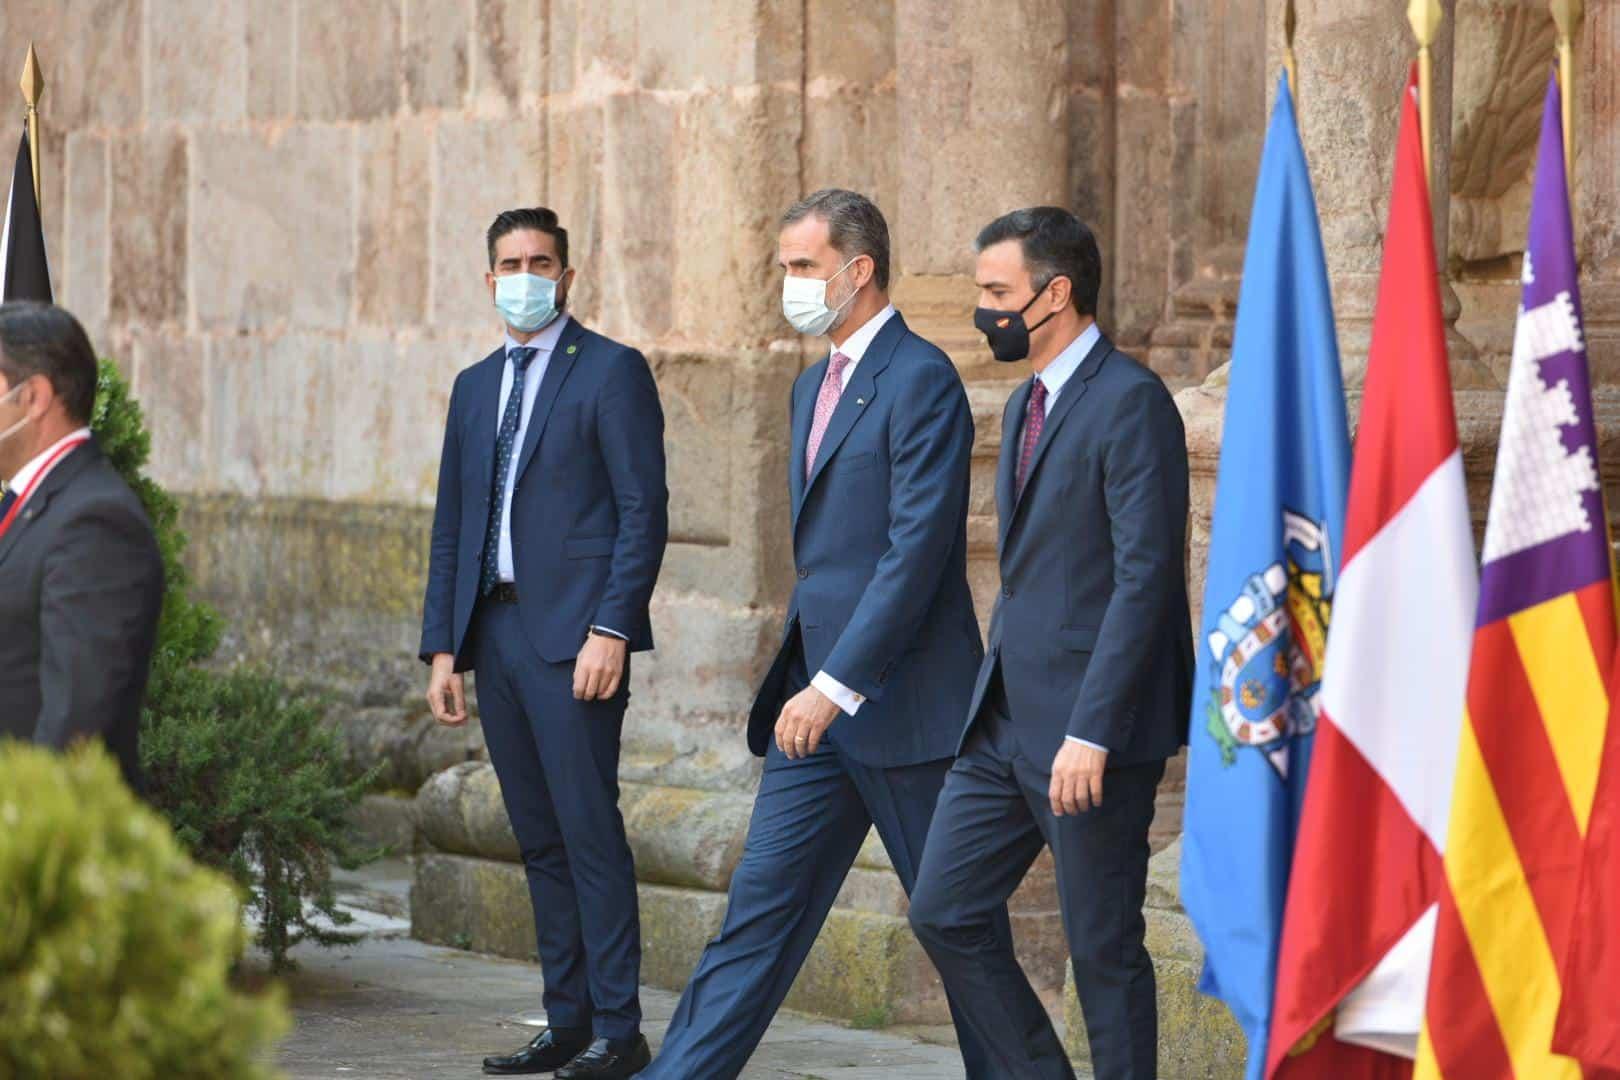 FOTOS: Histórica Conferencia de Presidentes en San Millán 7